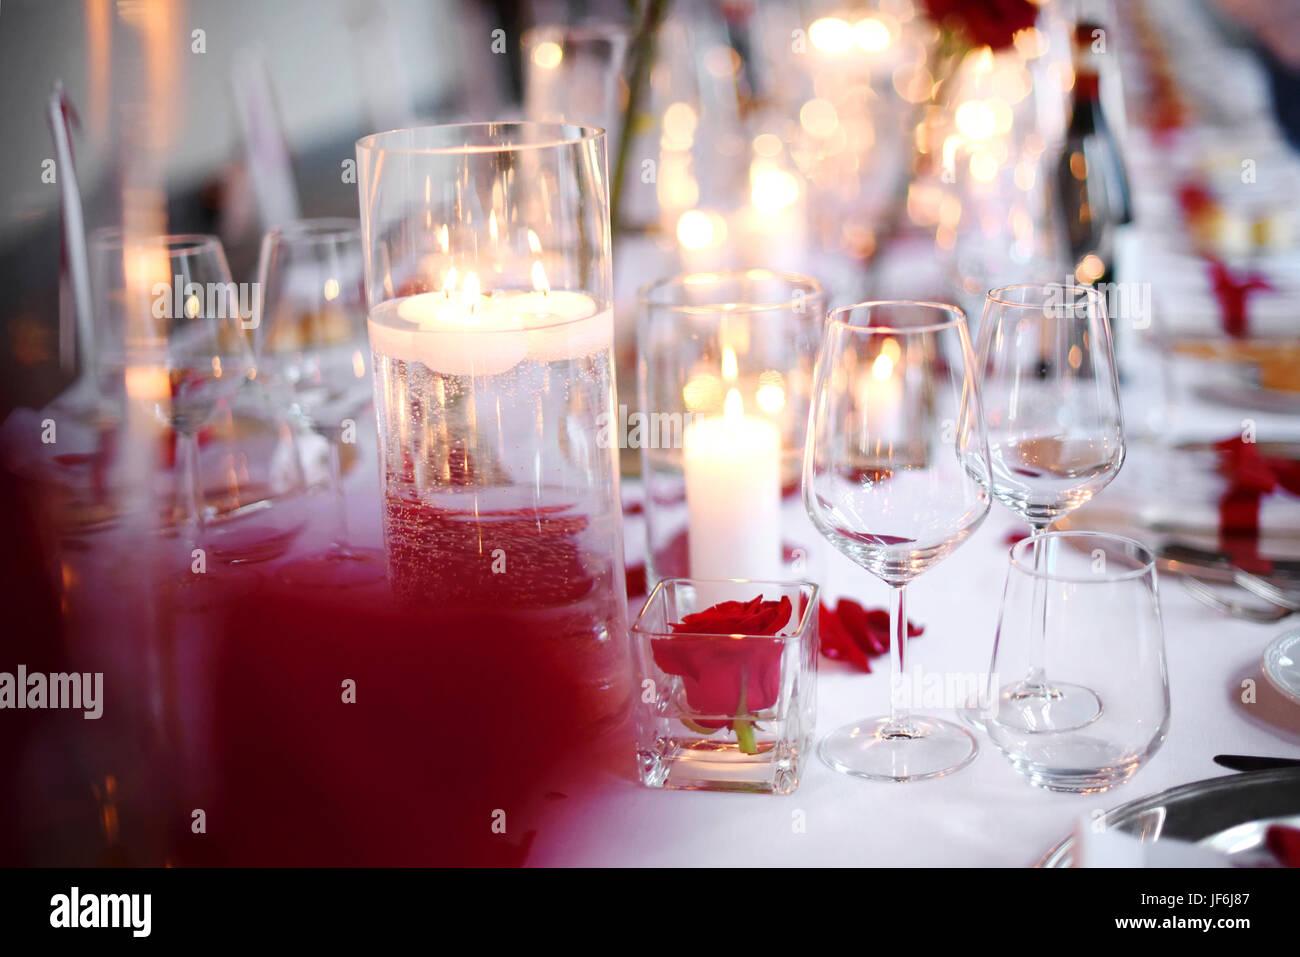 Una cena romántica con velas mesa con elegante cristalería y flores rojas sobre un mantel blanco en una vista de Foto de stock